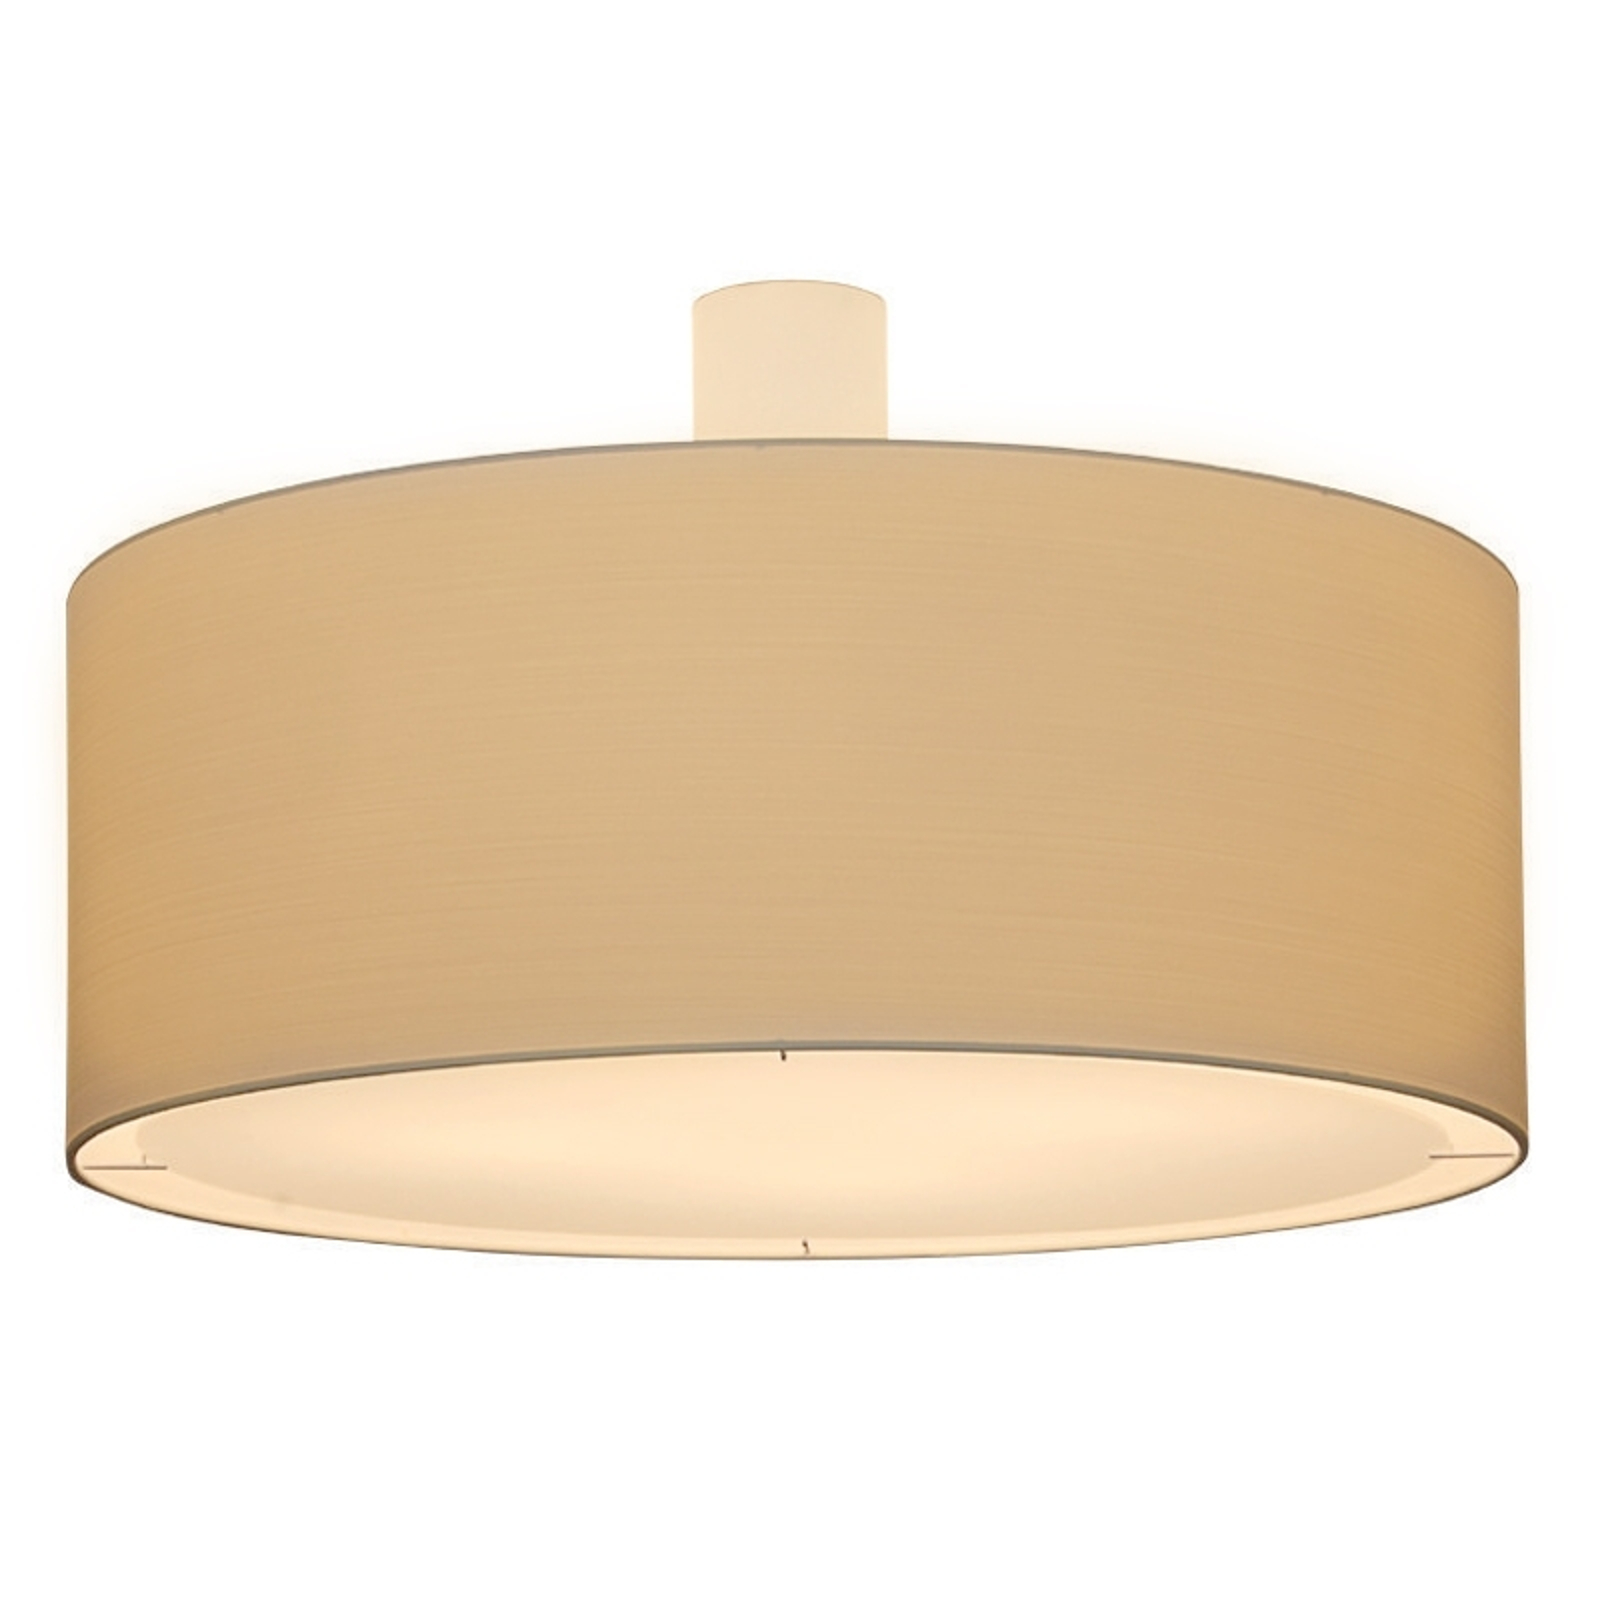 Plafondlamp LIVING ELEGANT, diameter 100 cm, crème